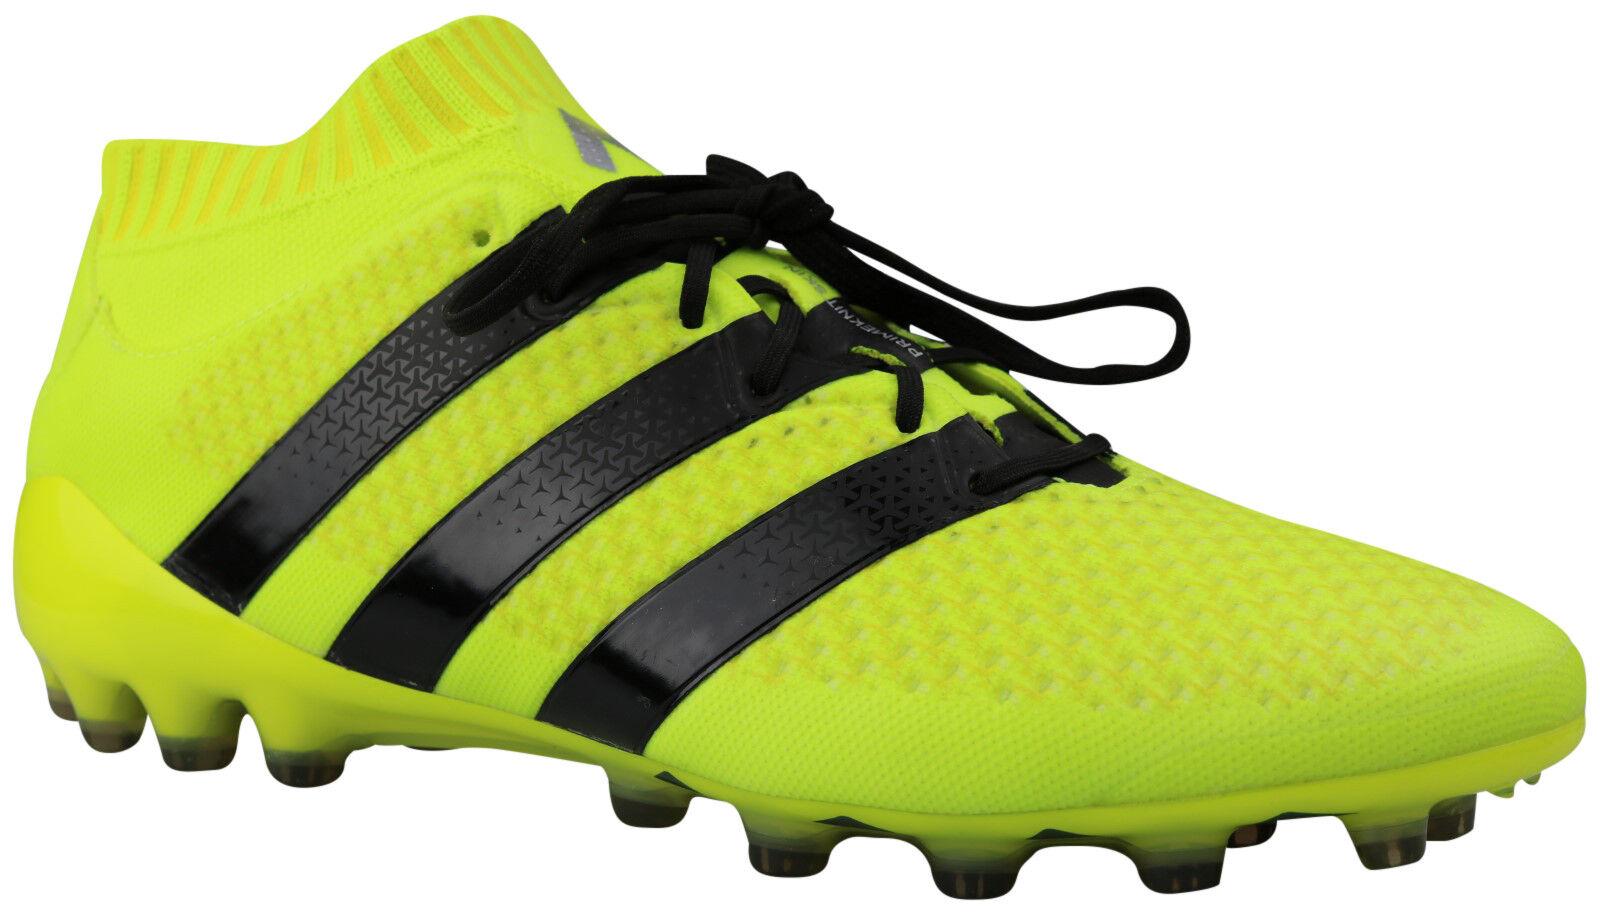 Adidas Ace 16.1 AG Pour des hommes Football chaussures Cam jaune S80580 Taille 45 1 3 nouveau OVP